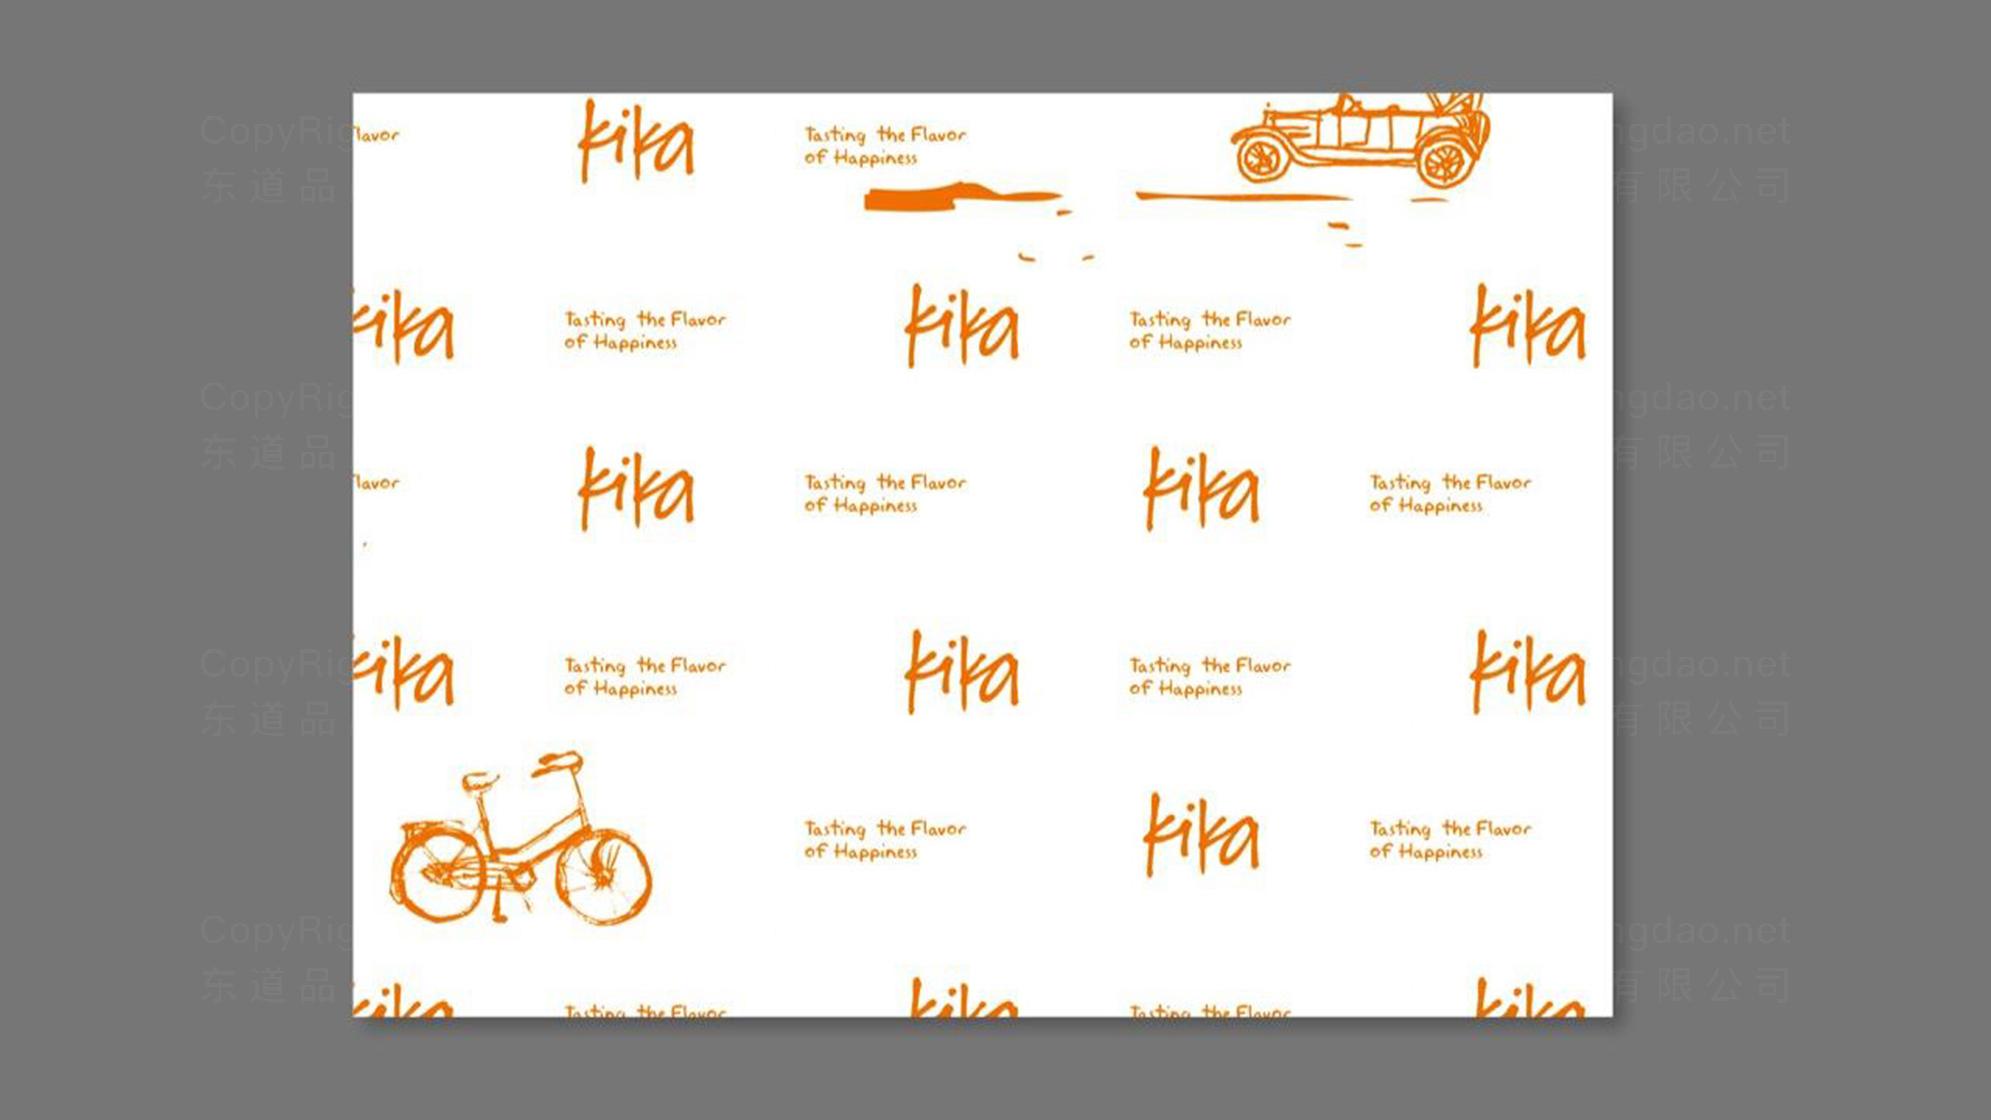 品牌设计kika冰淇淋LOGO&VI设计应用场景_3